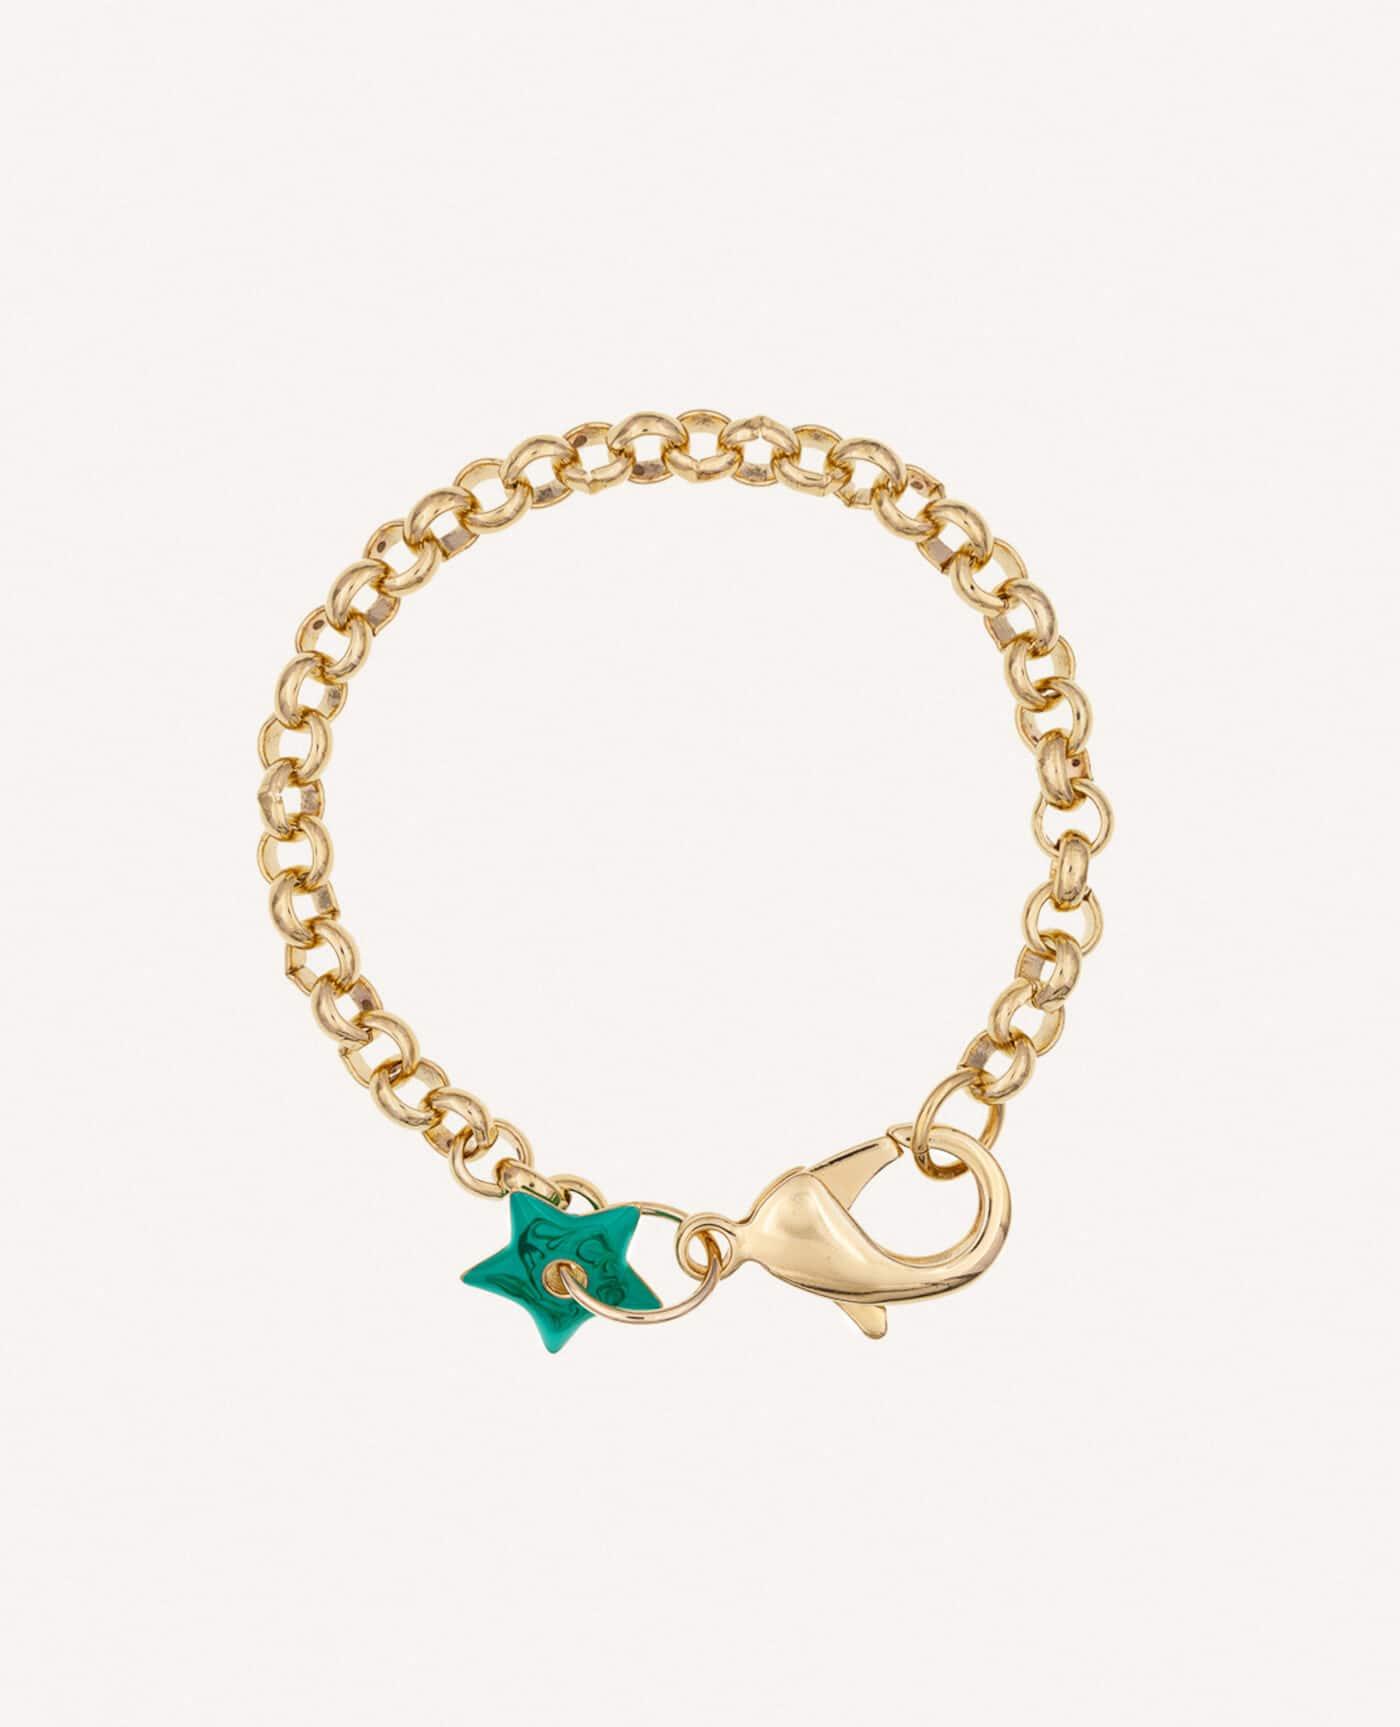 Bracelet Anémone en or avec étoile verte émaillée de la marque Luj Paris